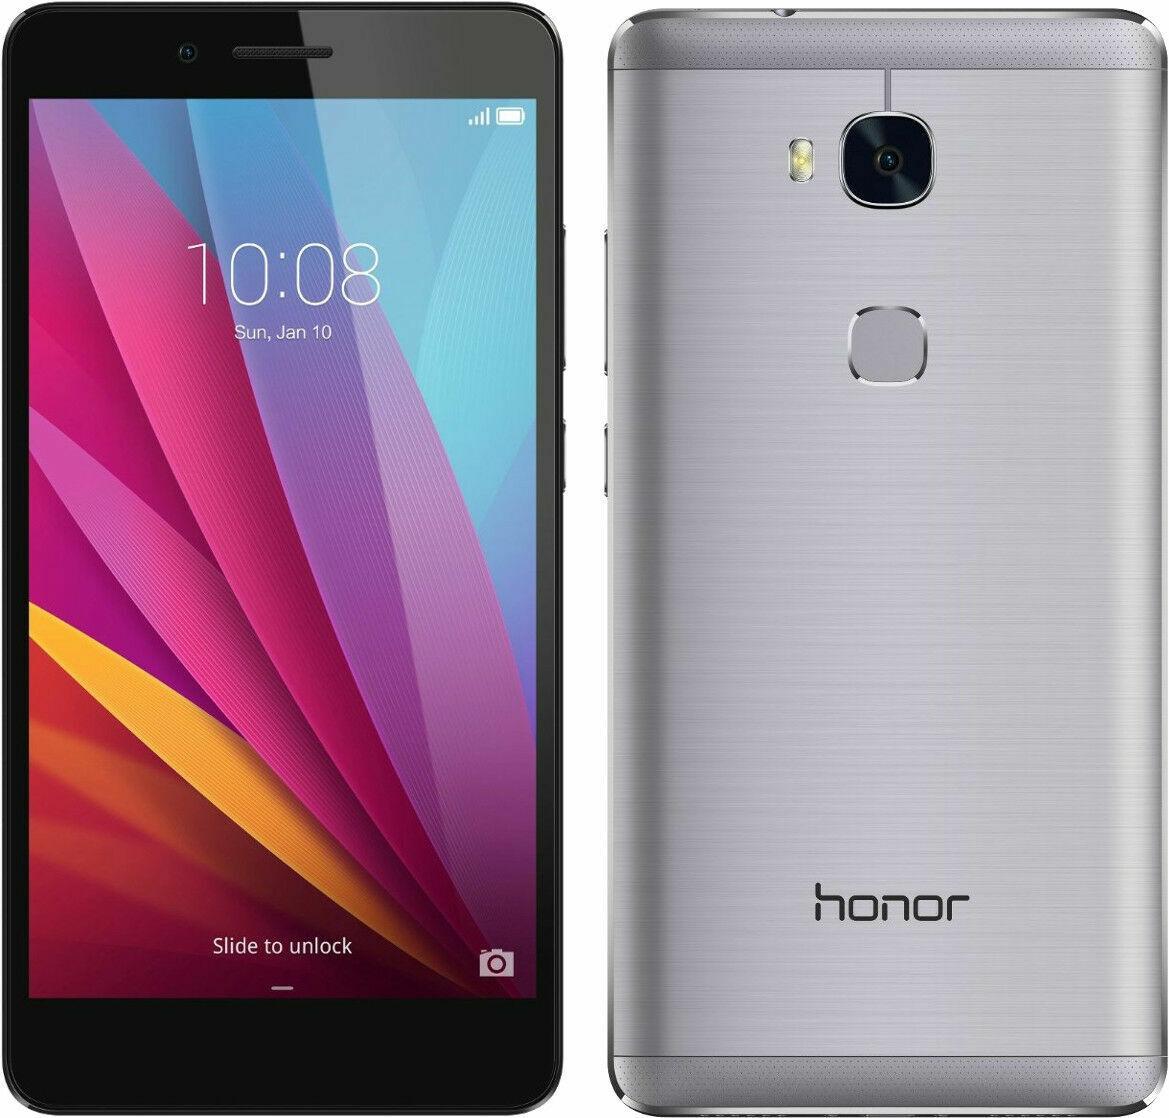 Huawei Honor 5x - 16GB - Dark Gray (Unlocked) Smartphone